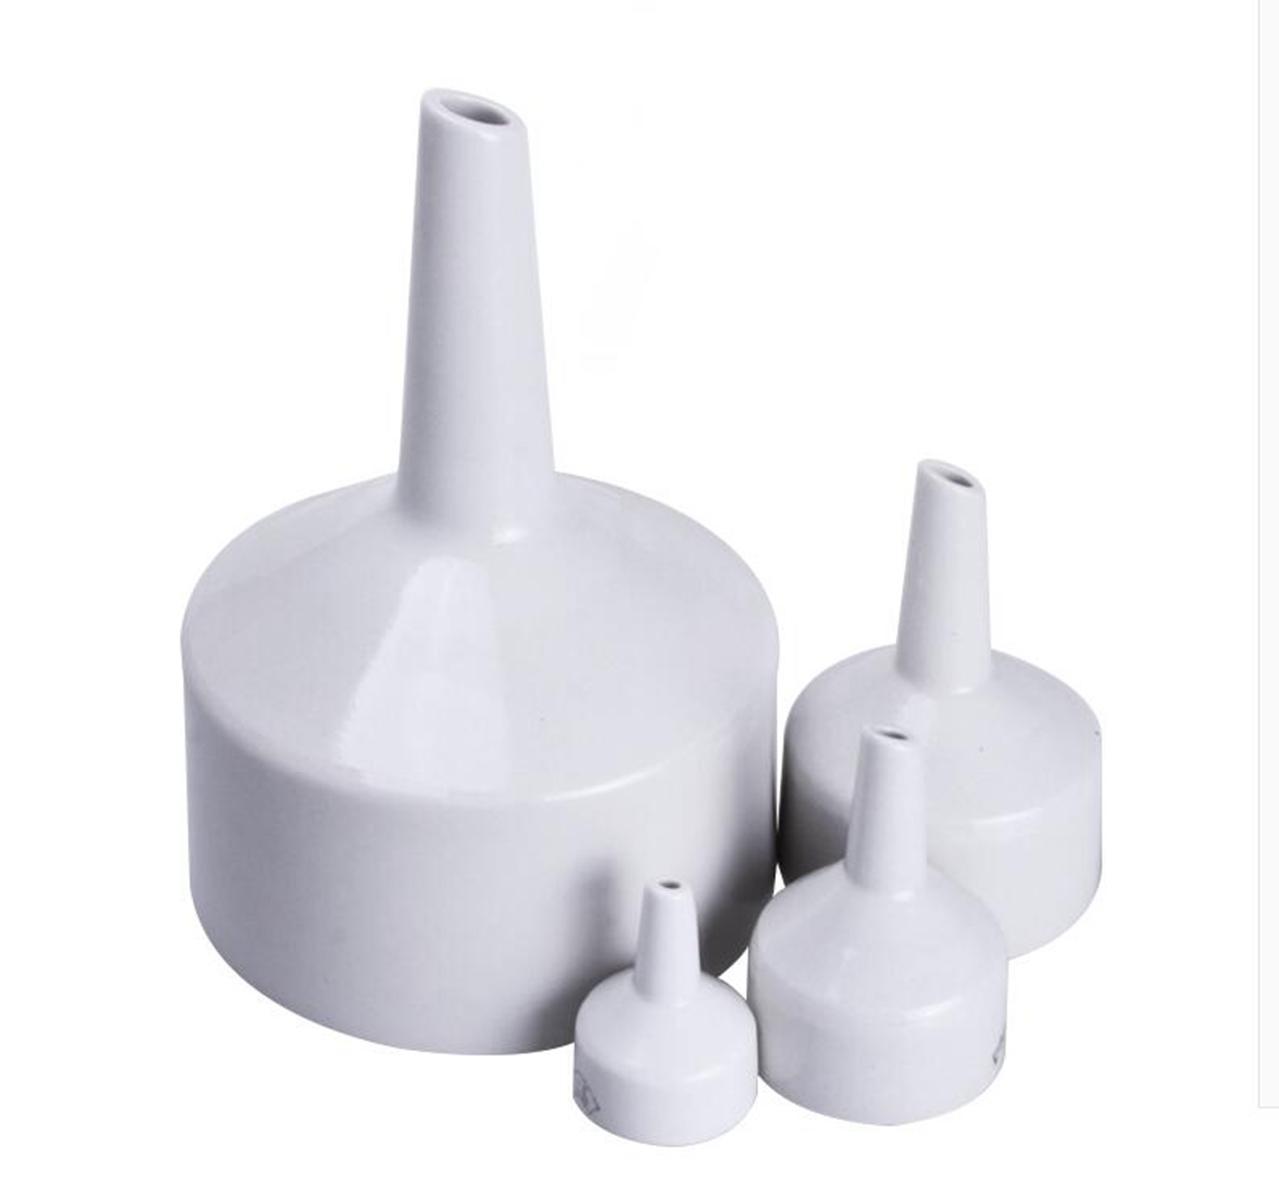 O/D 40mm Porcelain Buchner Funnel Lab Glassware Chemistry Laboratory Sphere Funnel Filtration Filter Kit Tools